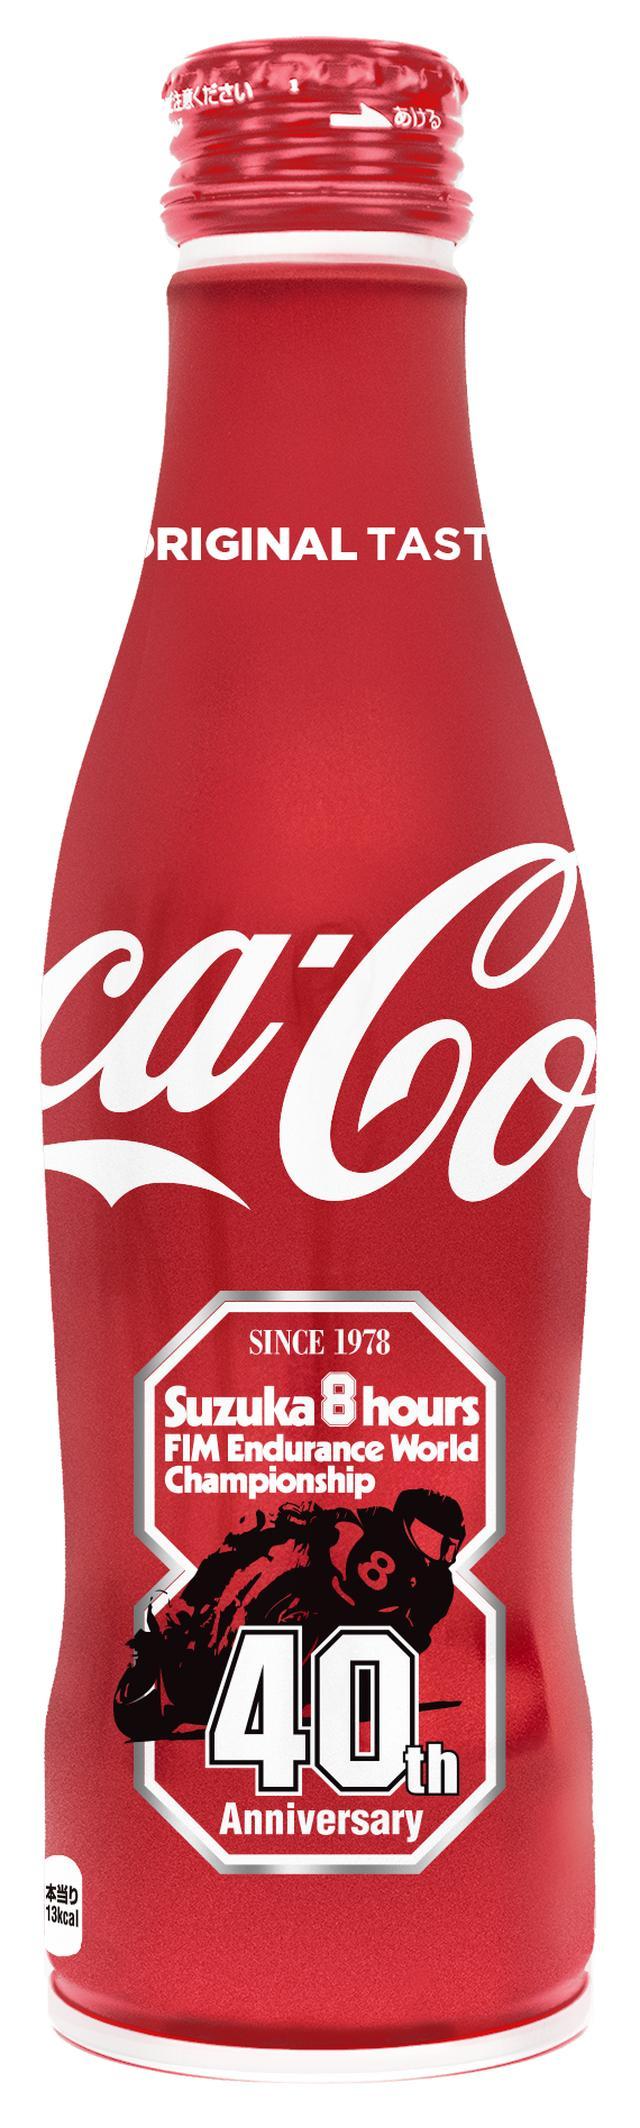 画像: 「コカ・コーラ」スリムボトル 鈴鹿8耐オリジナルデザイン